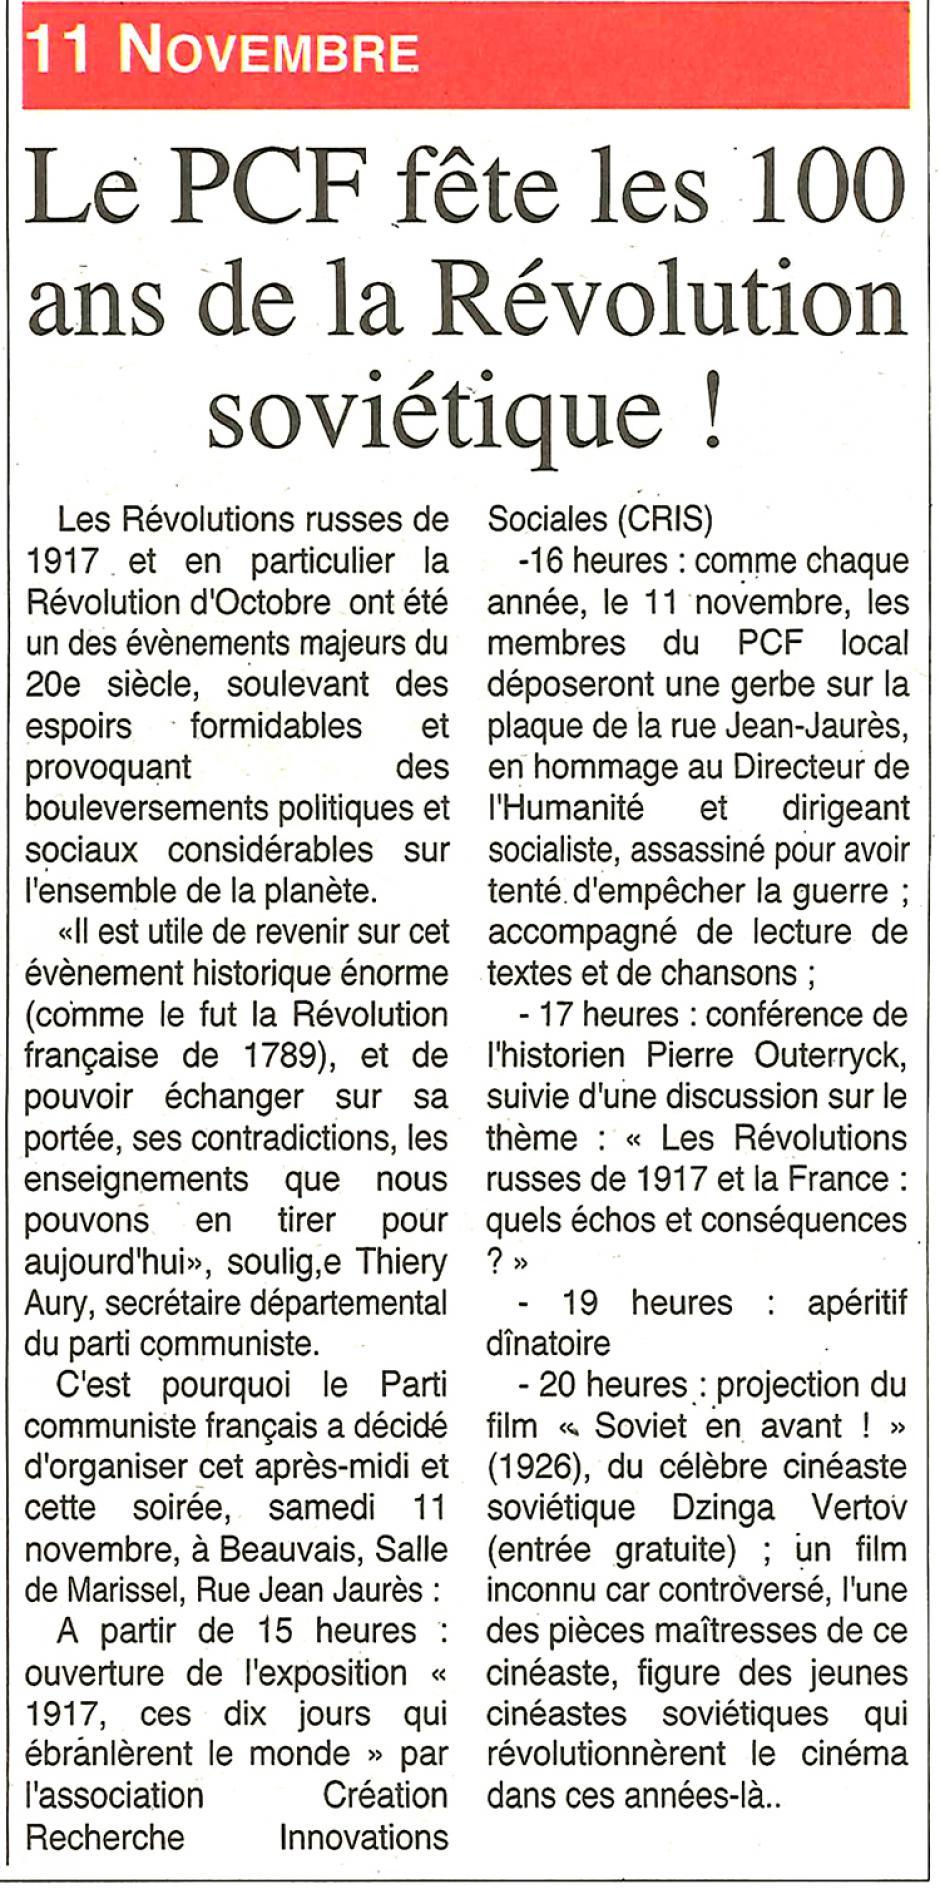 20171108-OH-Beauvais-Le PCF fête les 100 ans de la Révolution soviétique !